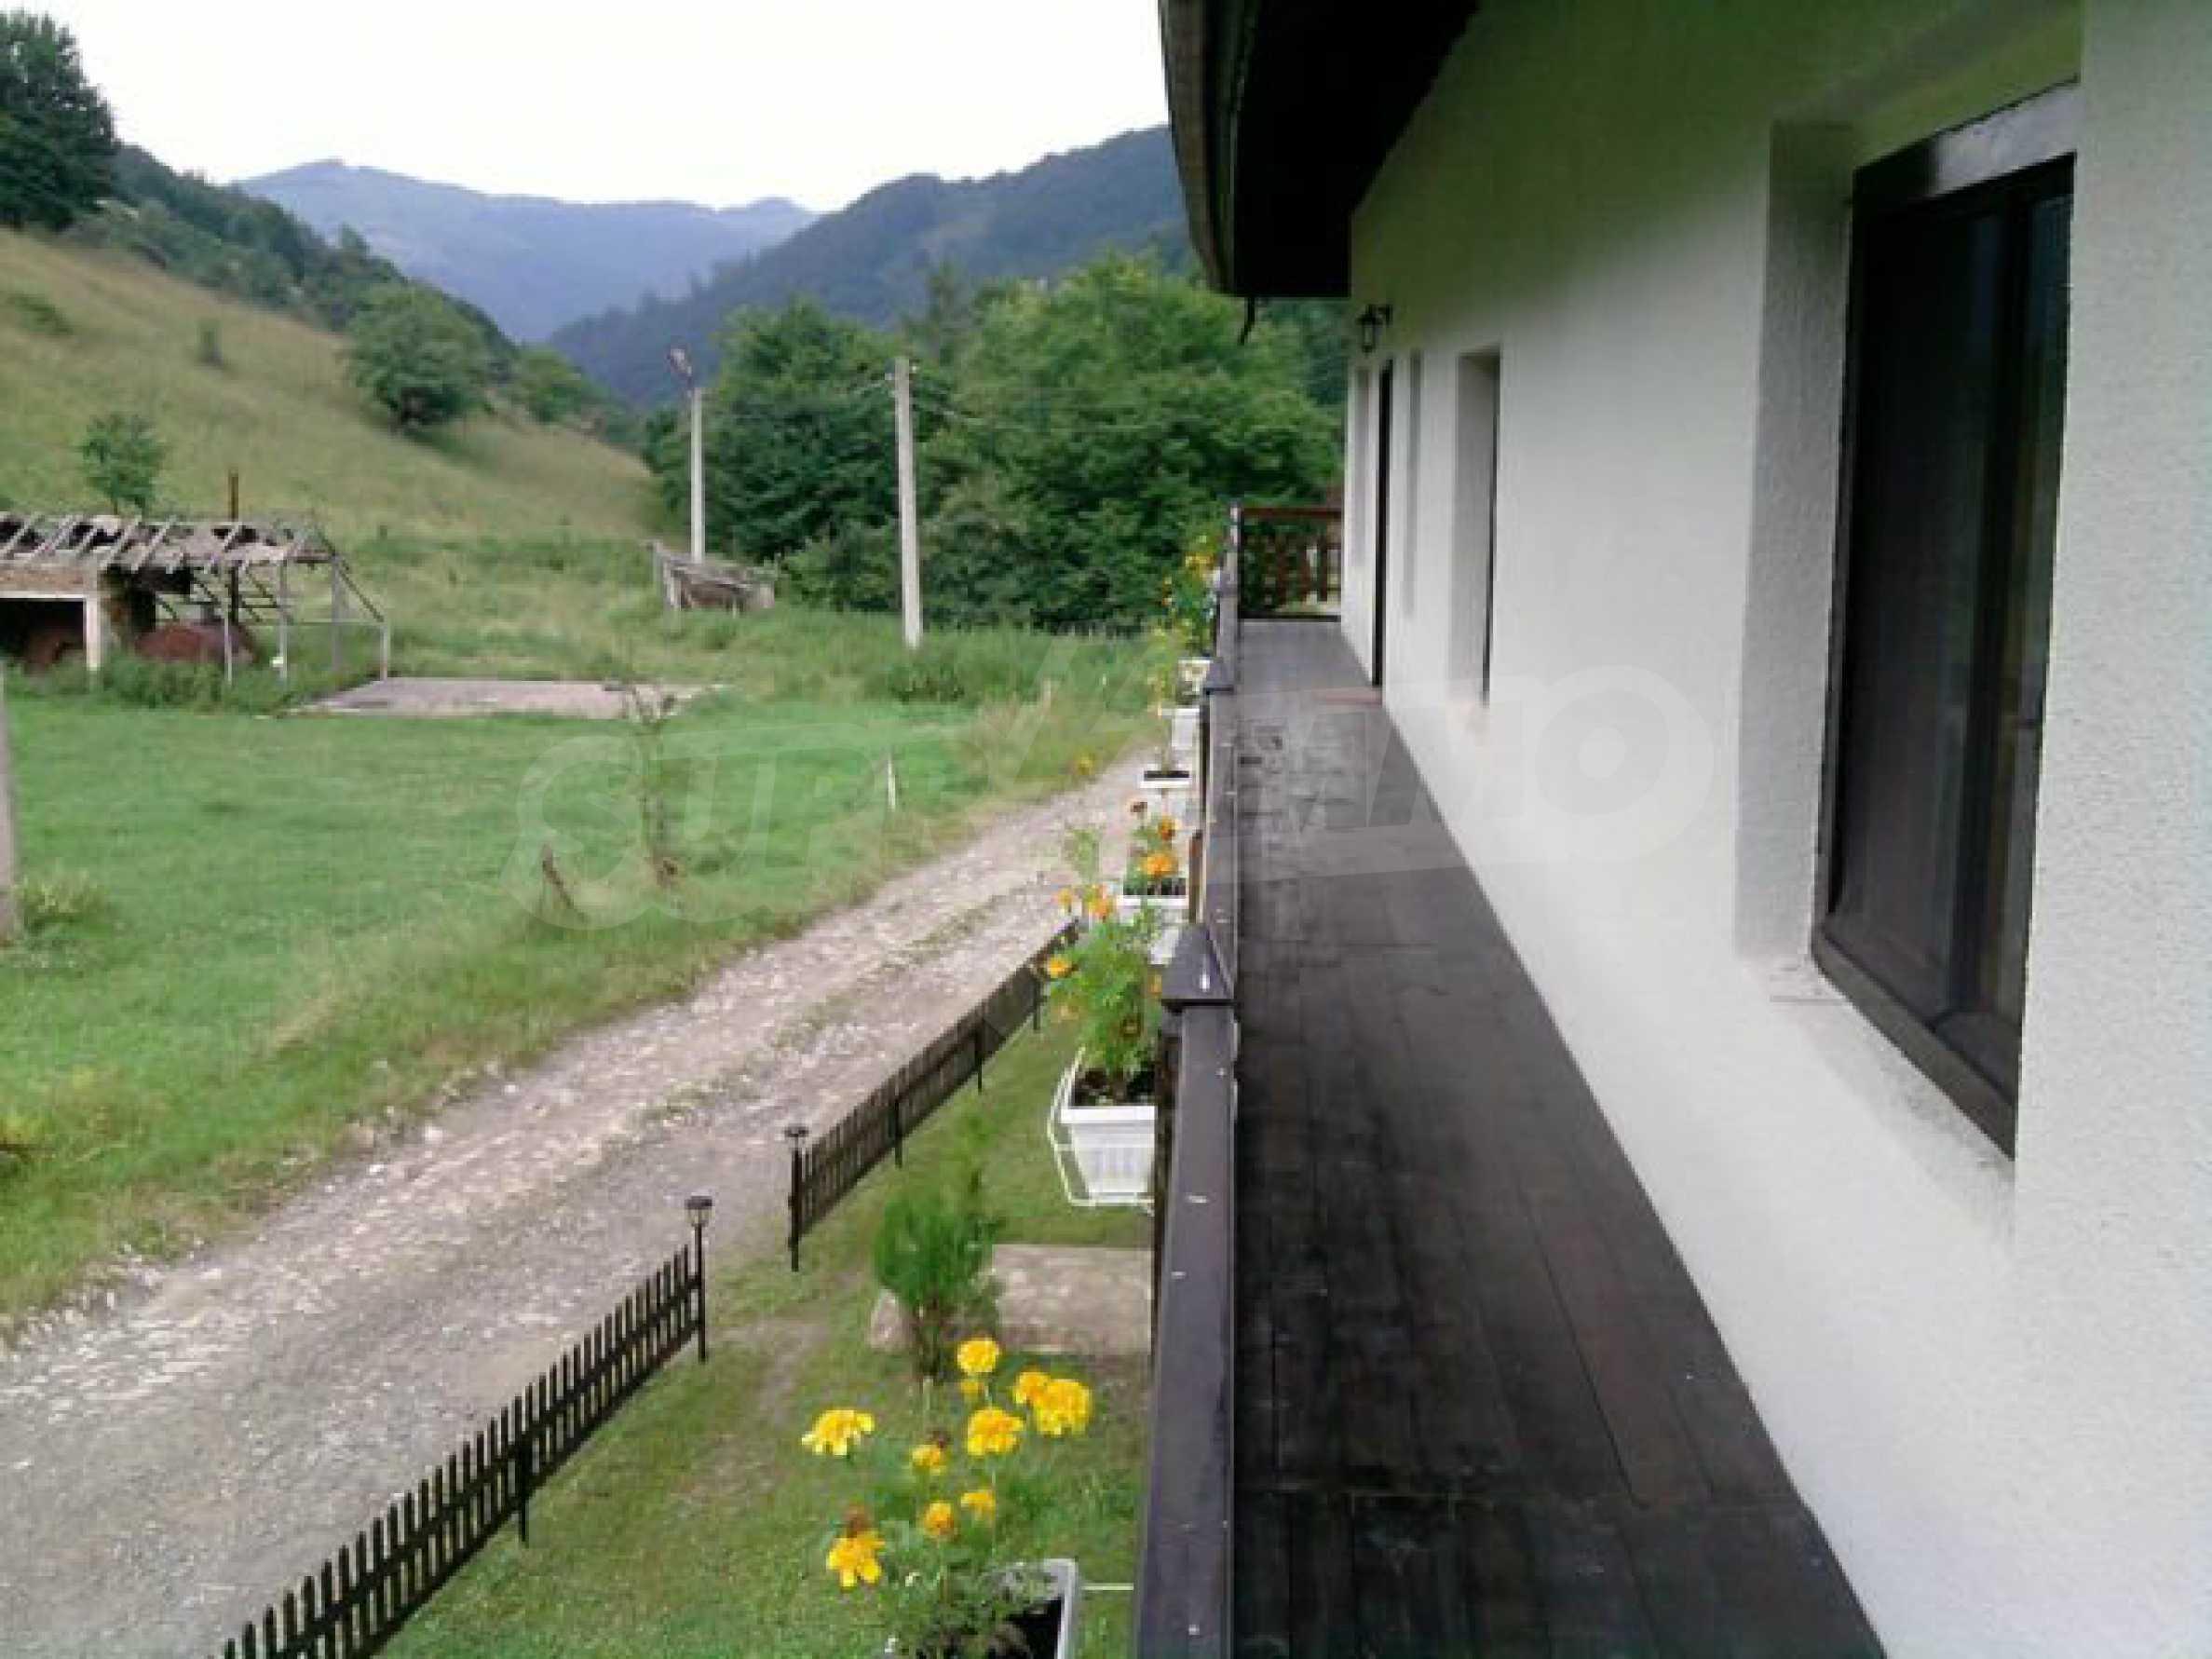 Geräumiges, voll möbliertes und ausgestattetes zweistöckiges Haus in Ribaritsa 37